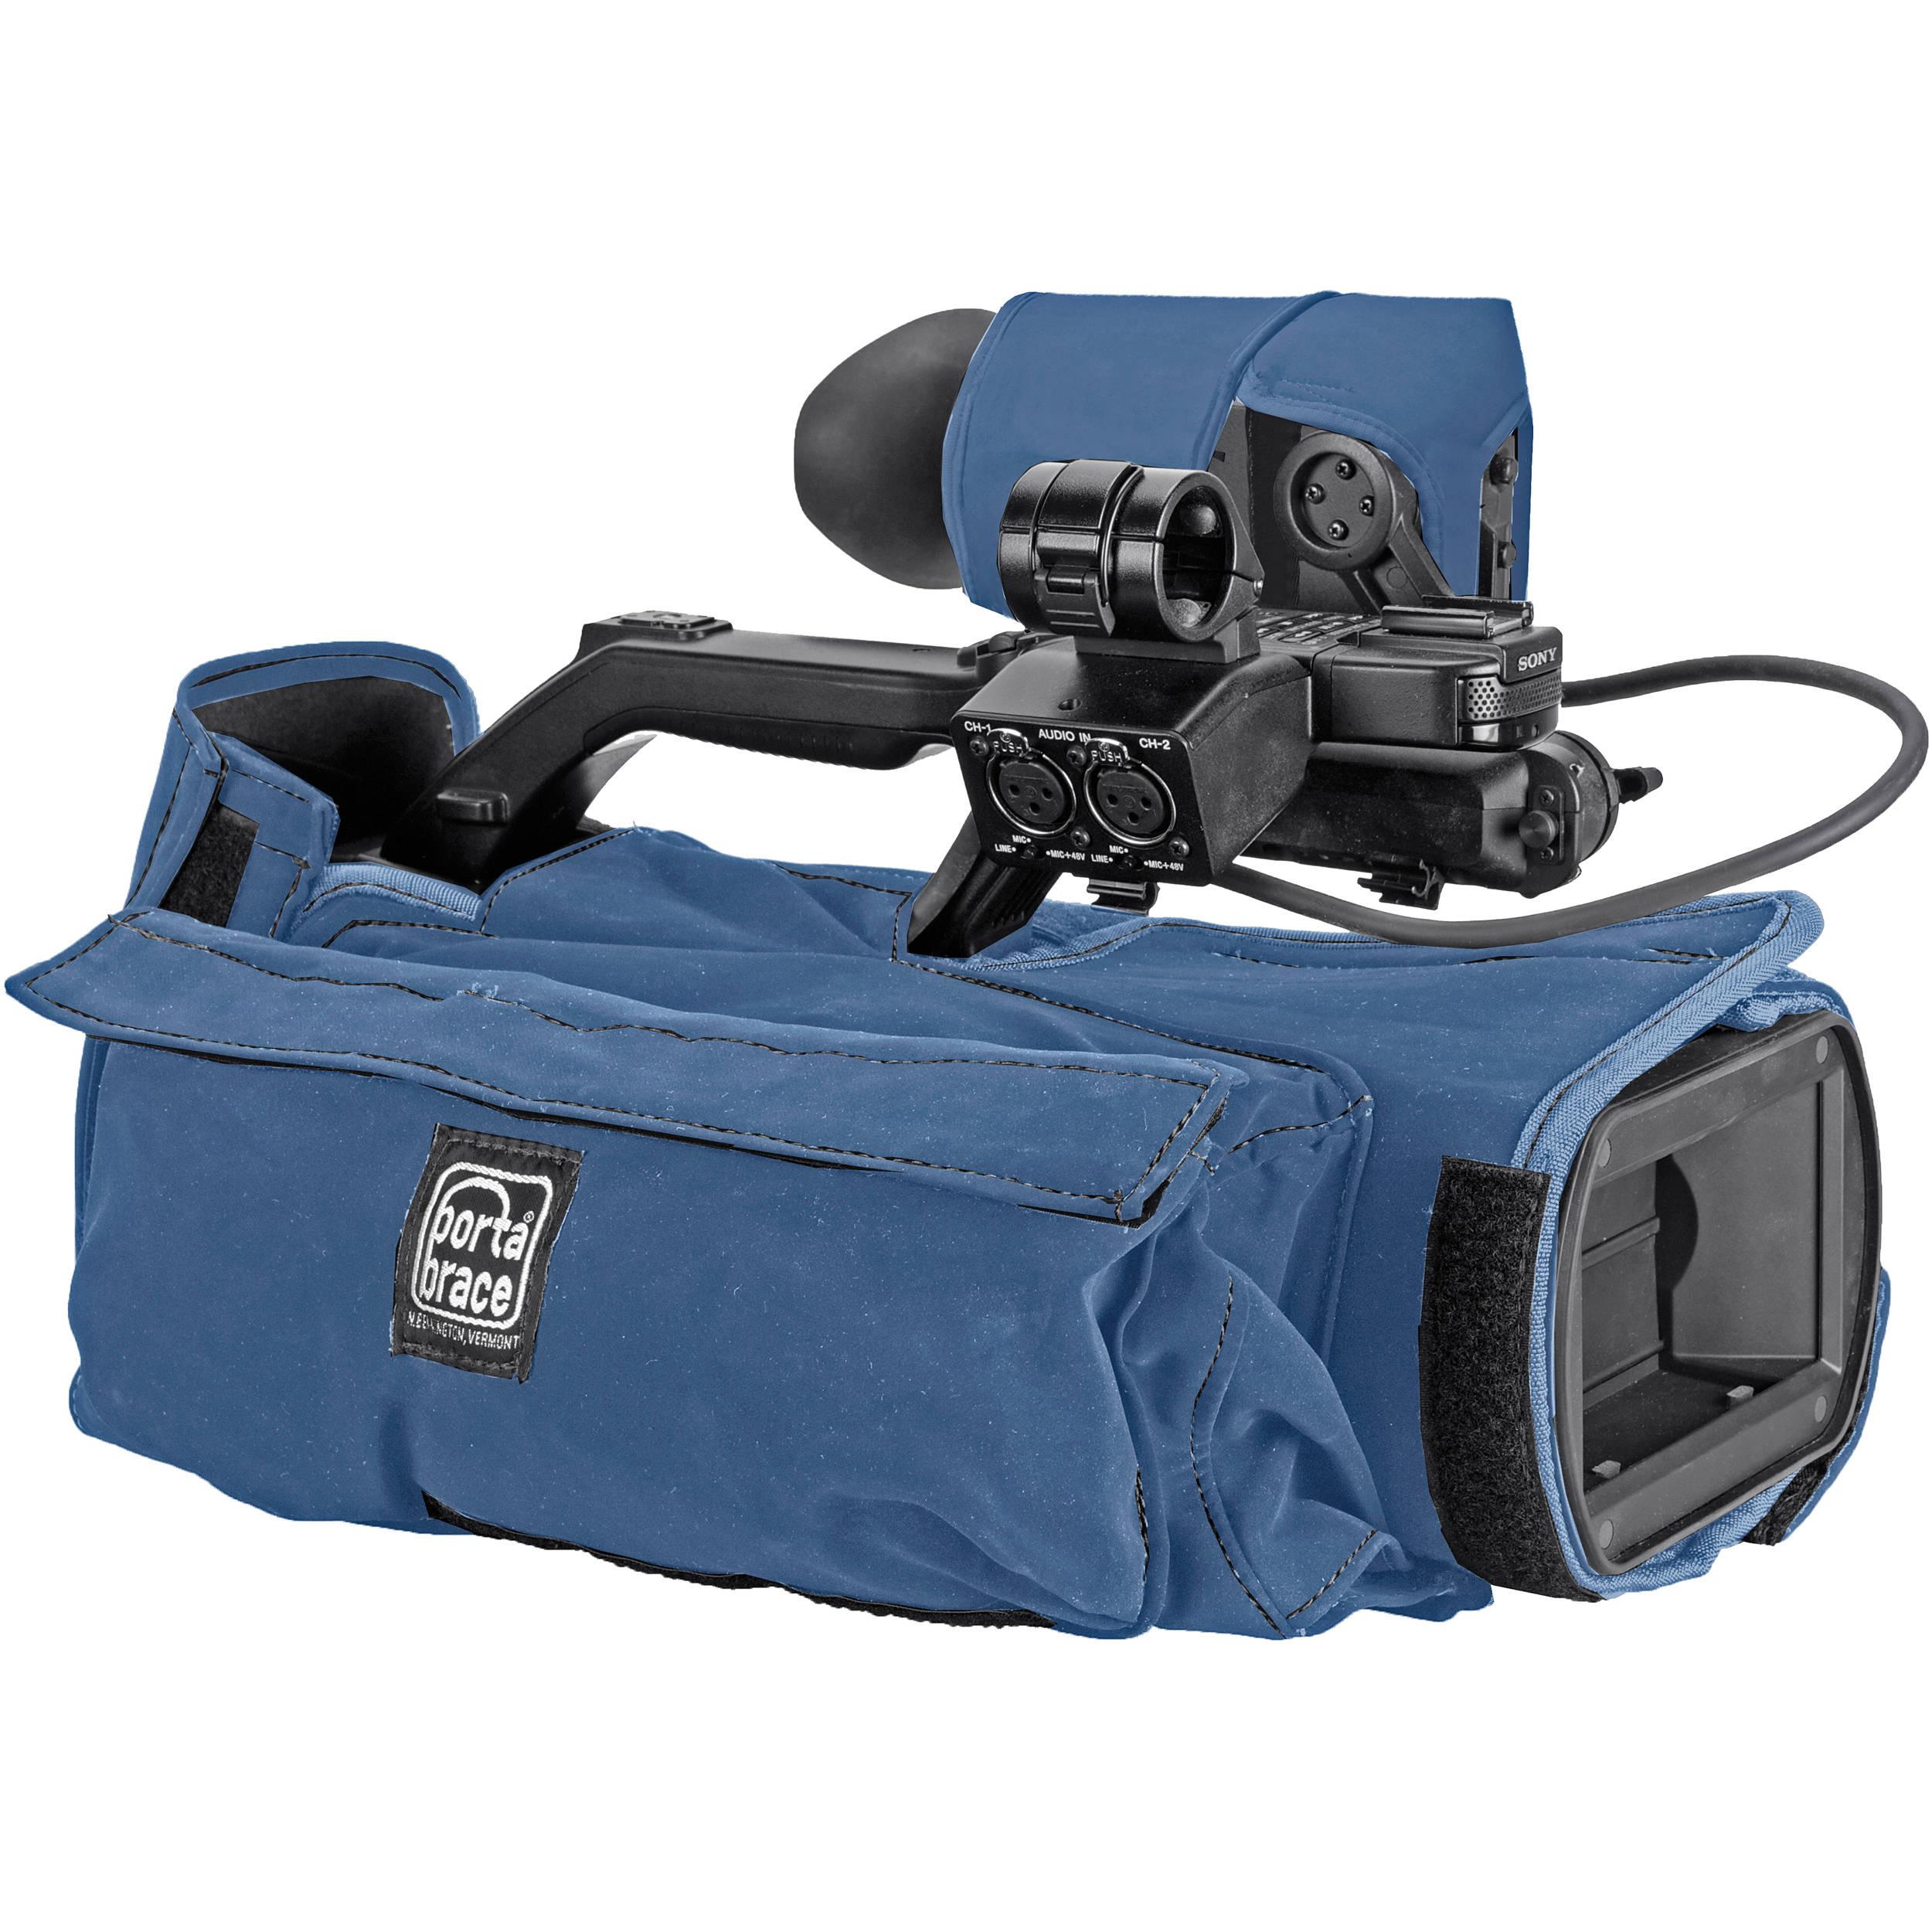 Porta Brace Camera Body Armor Case for Sony PMW-300 (Blue)